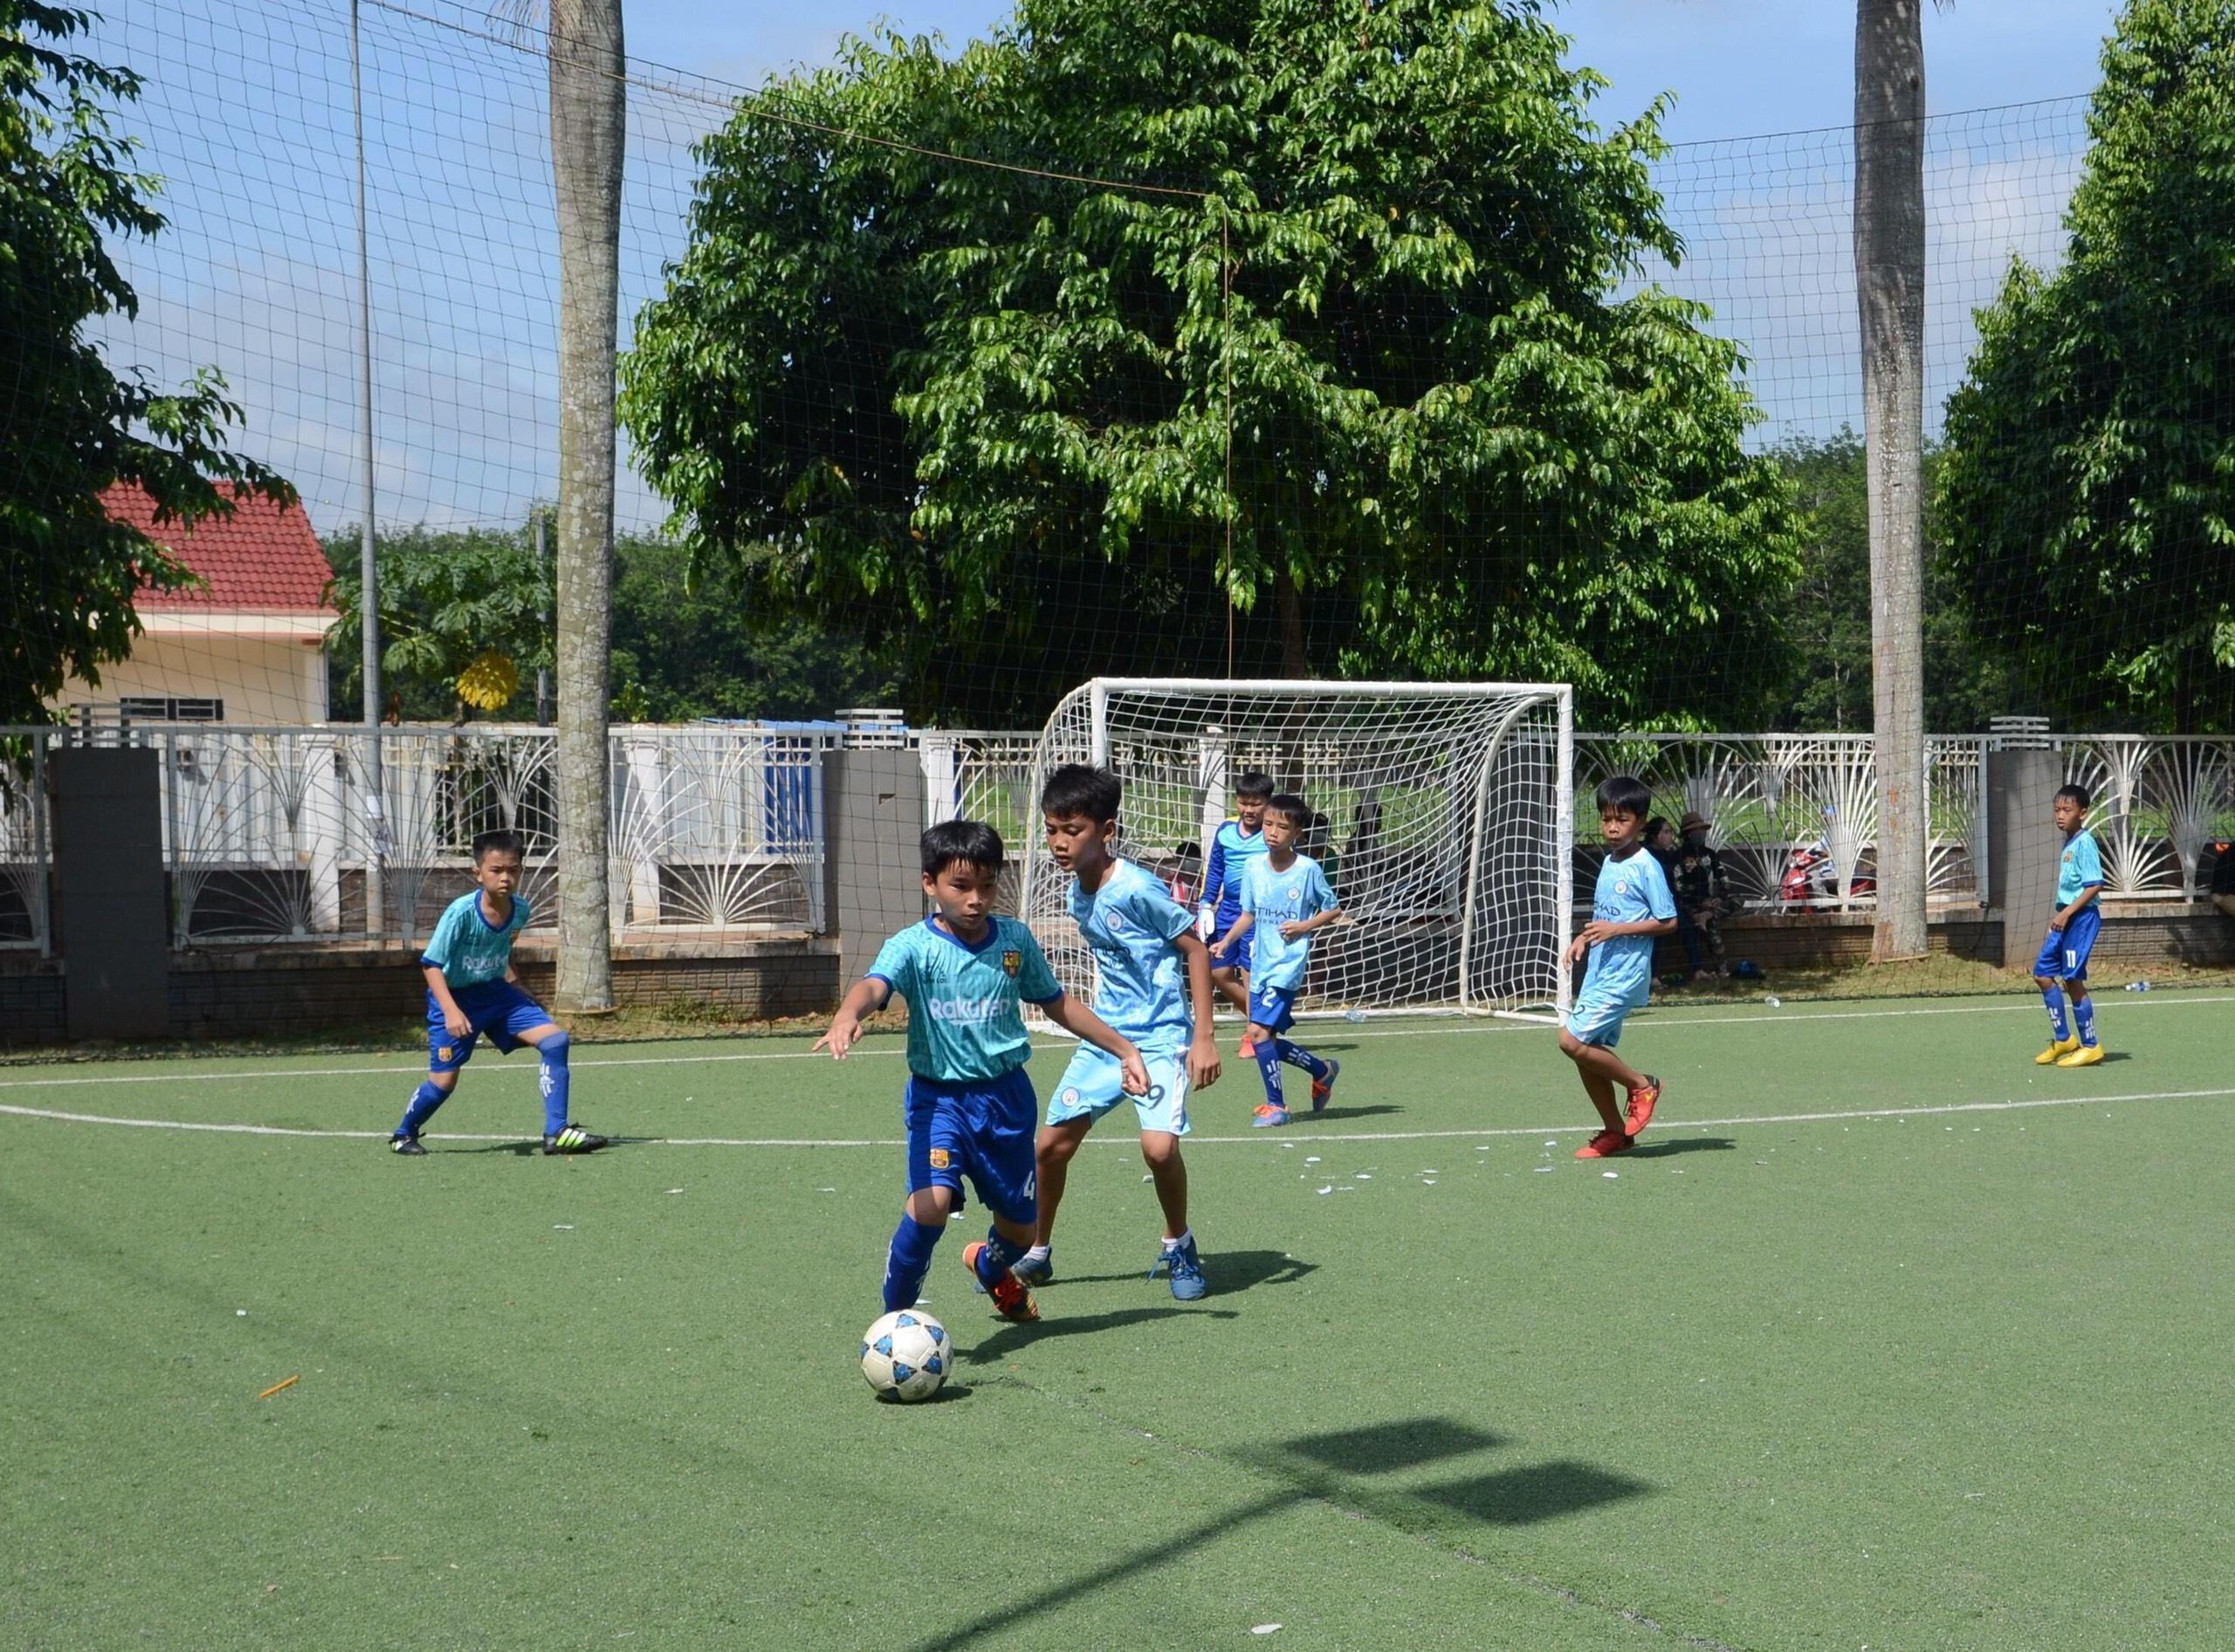 Huyện Châu Đức: 31 đội bóng dự giải bóng đá mini U11, U13 lần II năm 2020 Ảnh 2